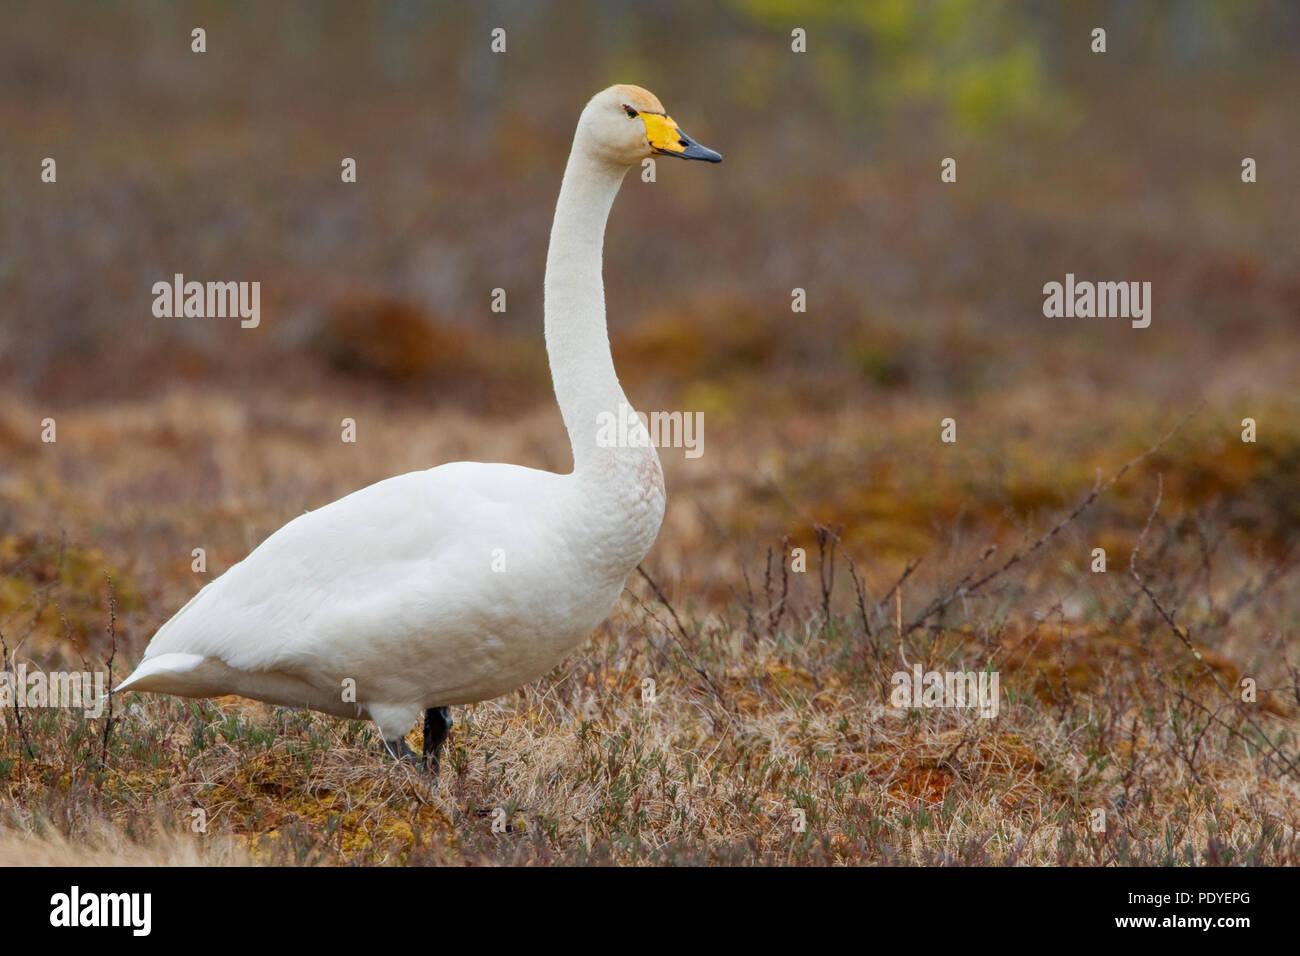 Een eenzame wilde gans.A lonely Whooper Swan. Stock Photo